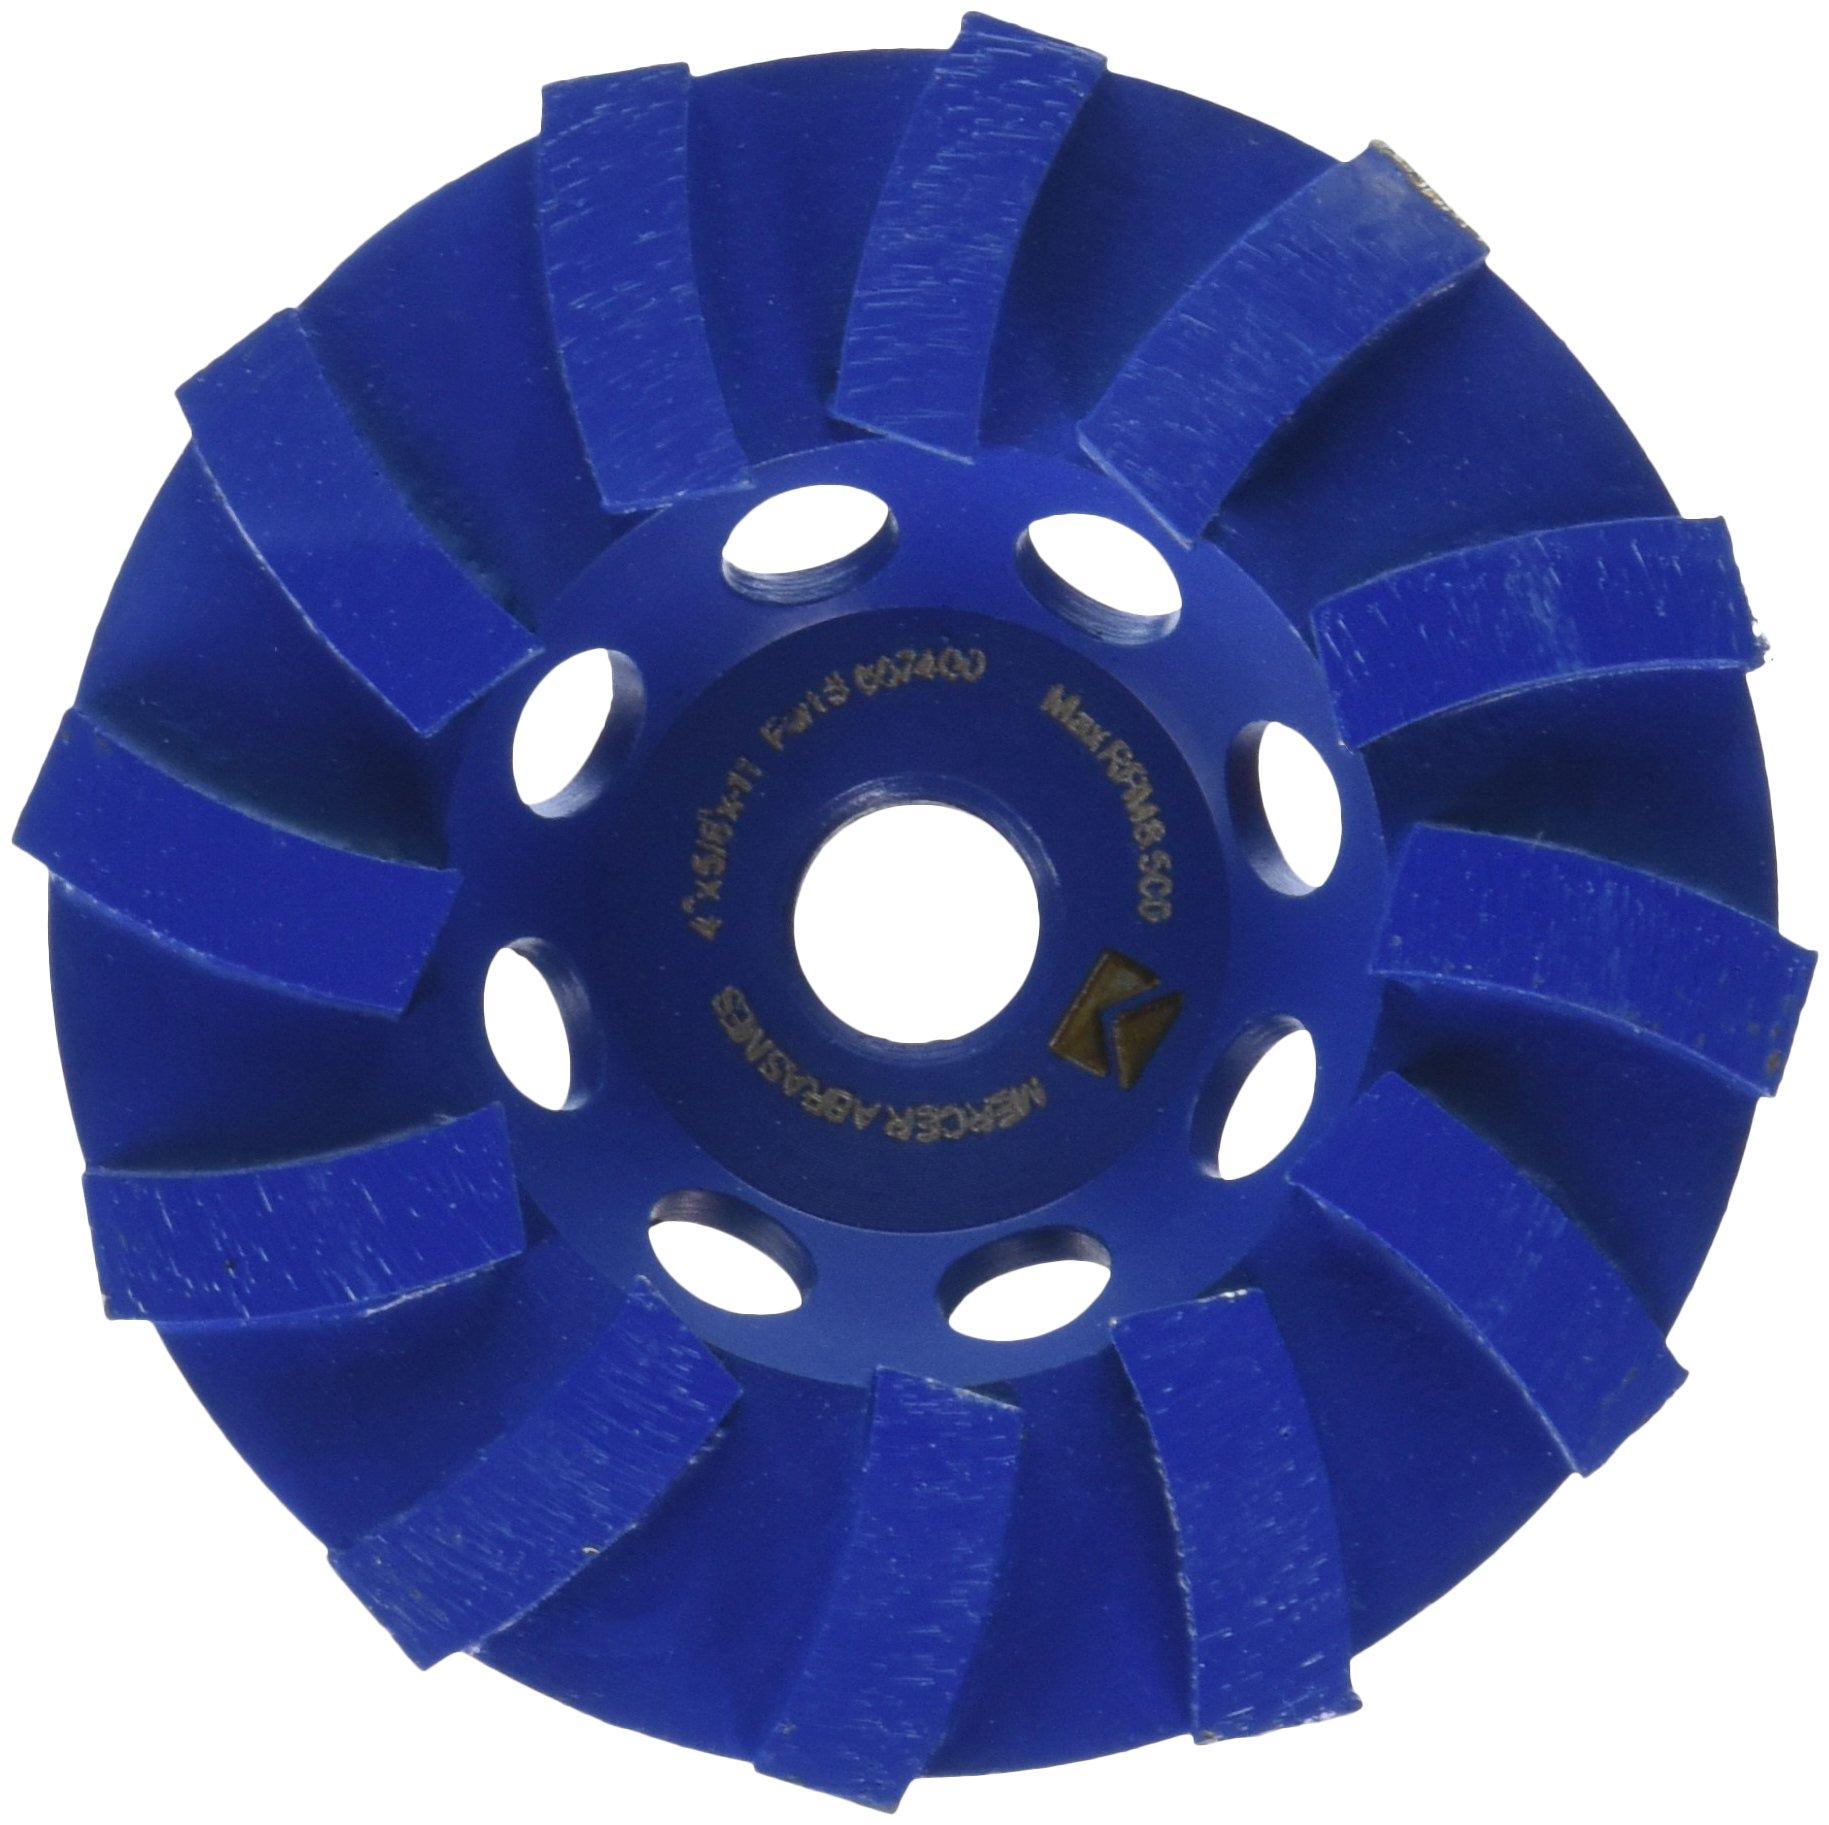 Disco de Diamante MERCER 667400 segmentada en espiral 4 pulg.